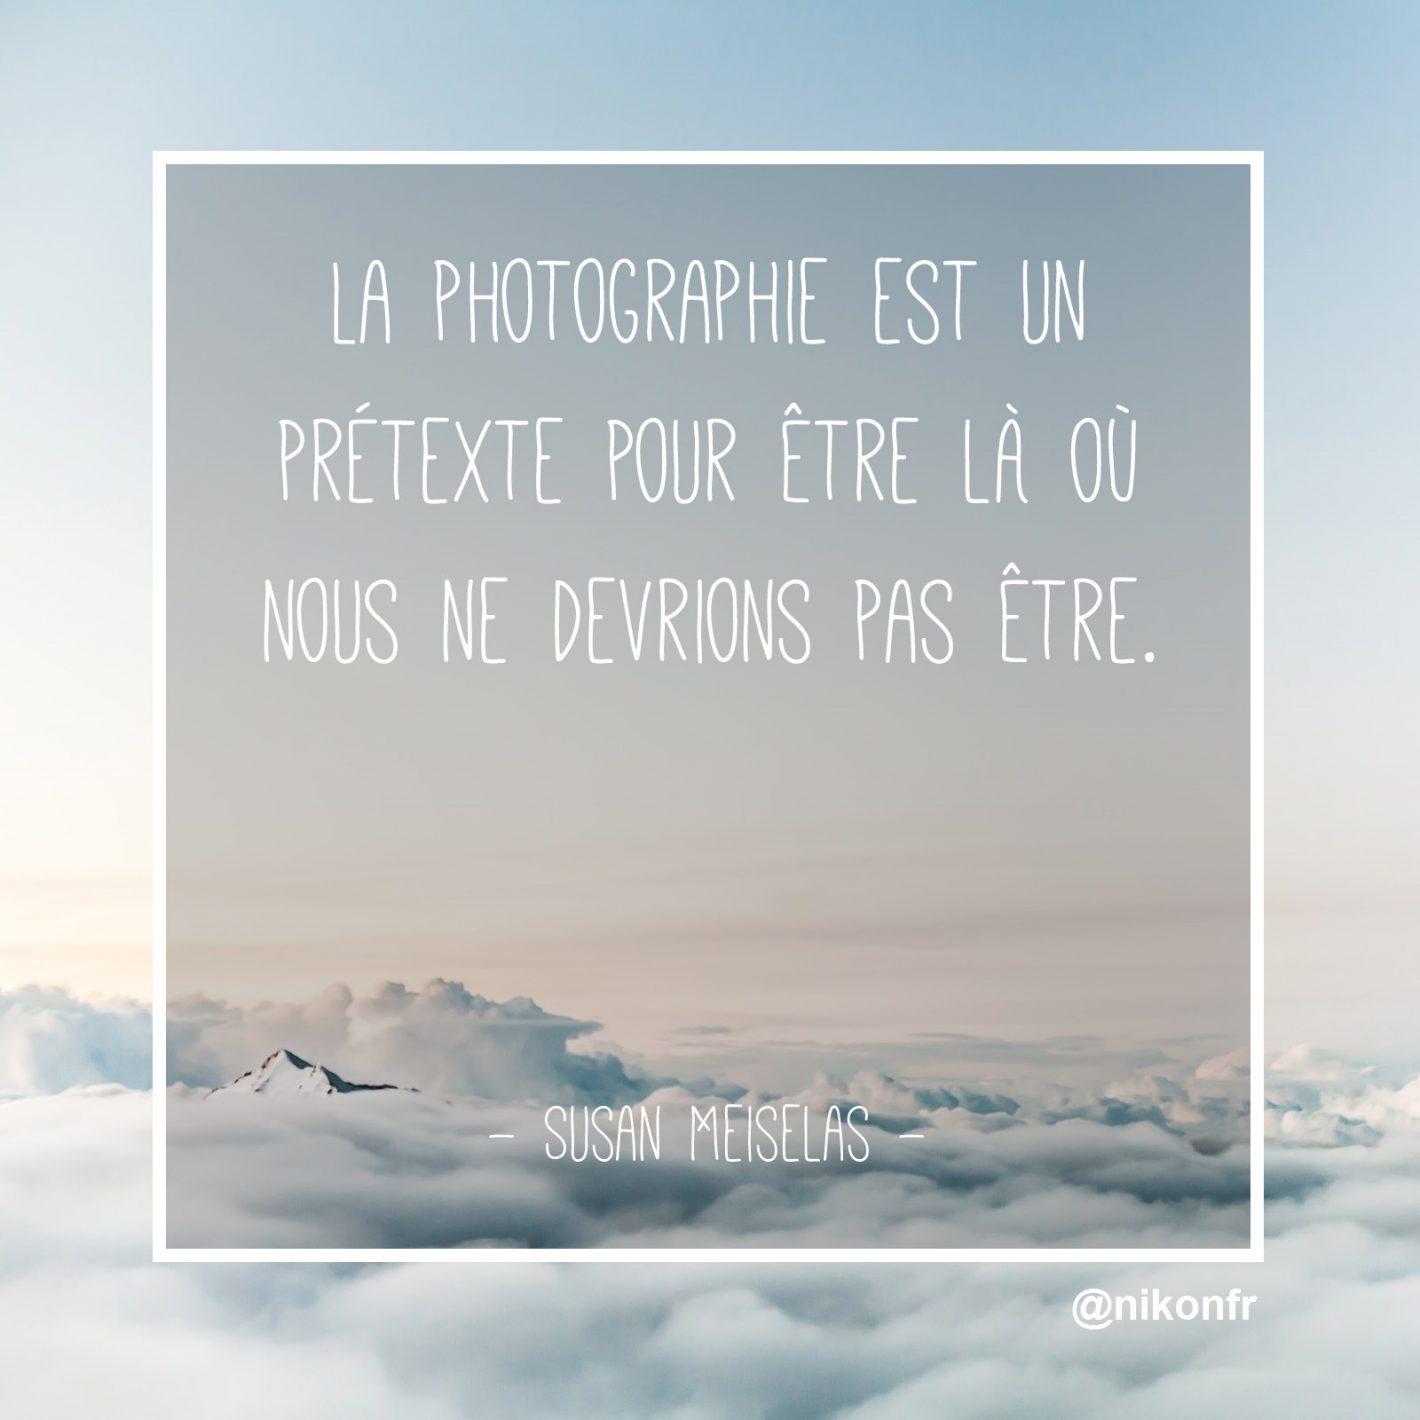 Citations Photographie Nikon Susan Meiselas